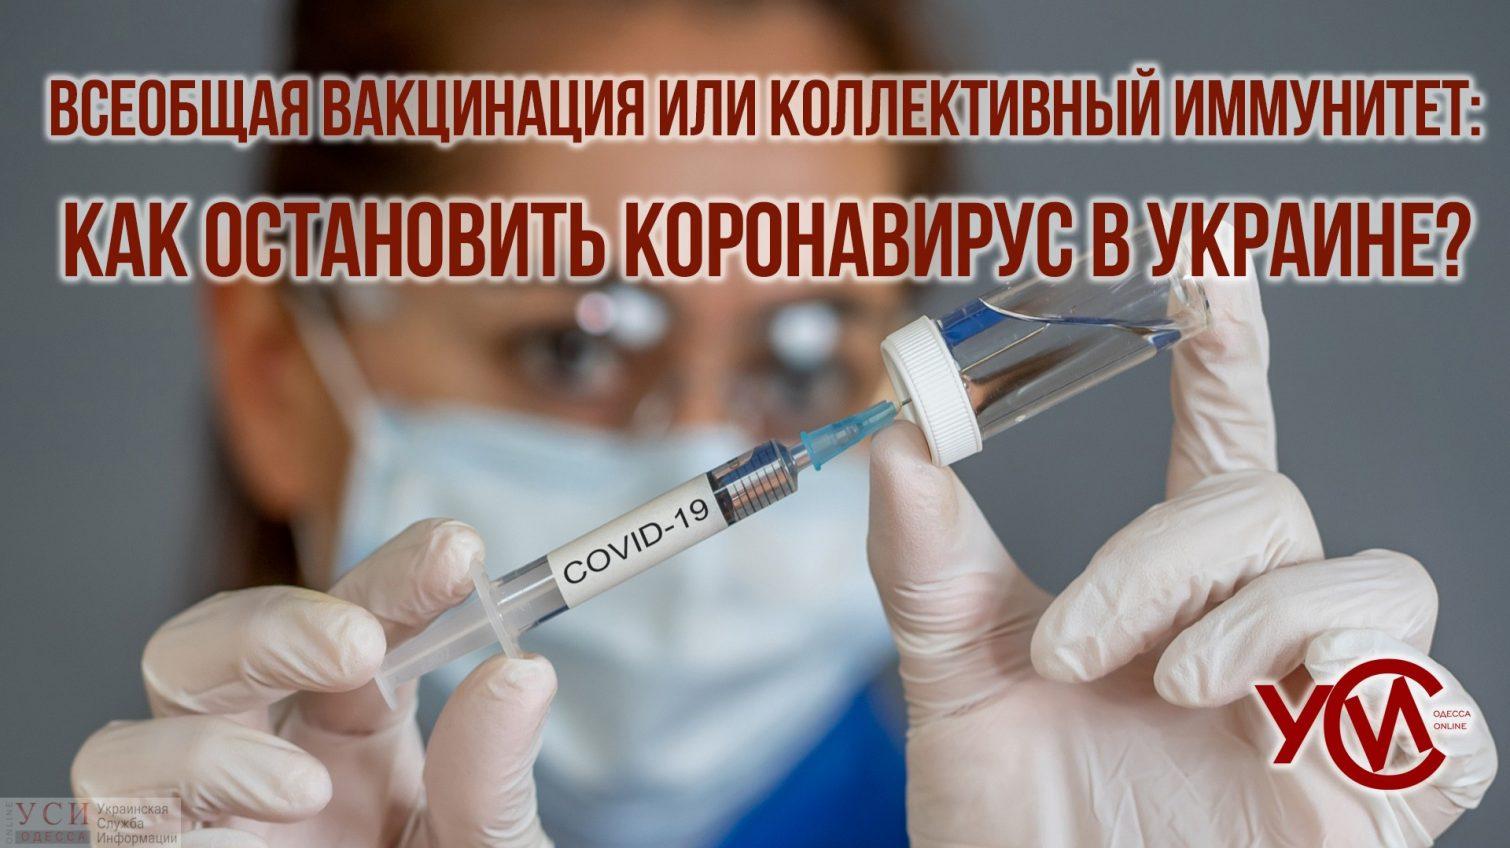 Всеобщая вакцинация или коллективный иммунитет: как остановить коронавирус в Украине? «фото»